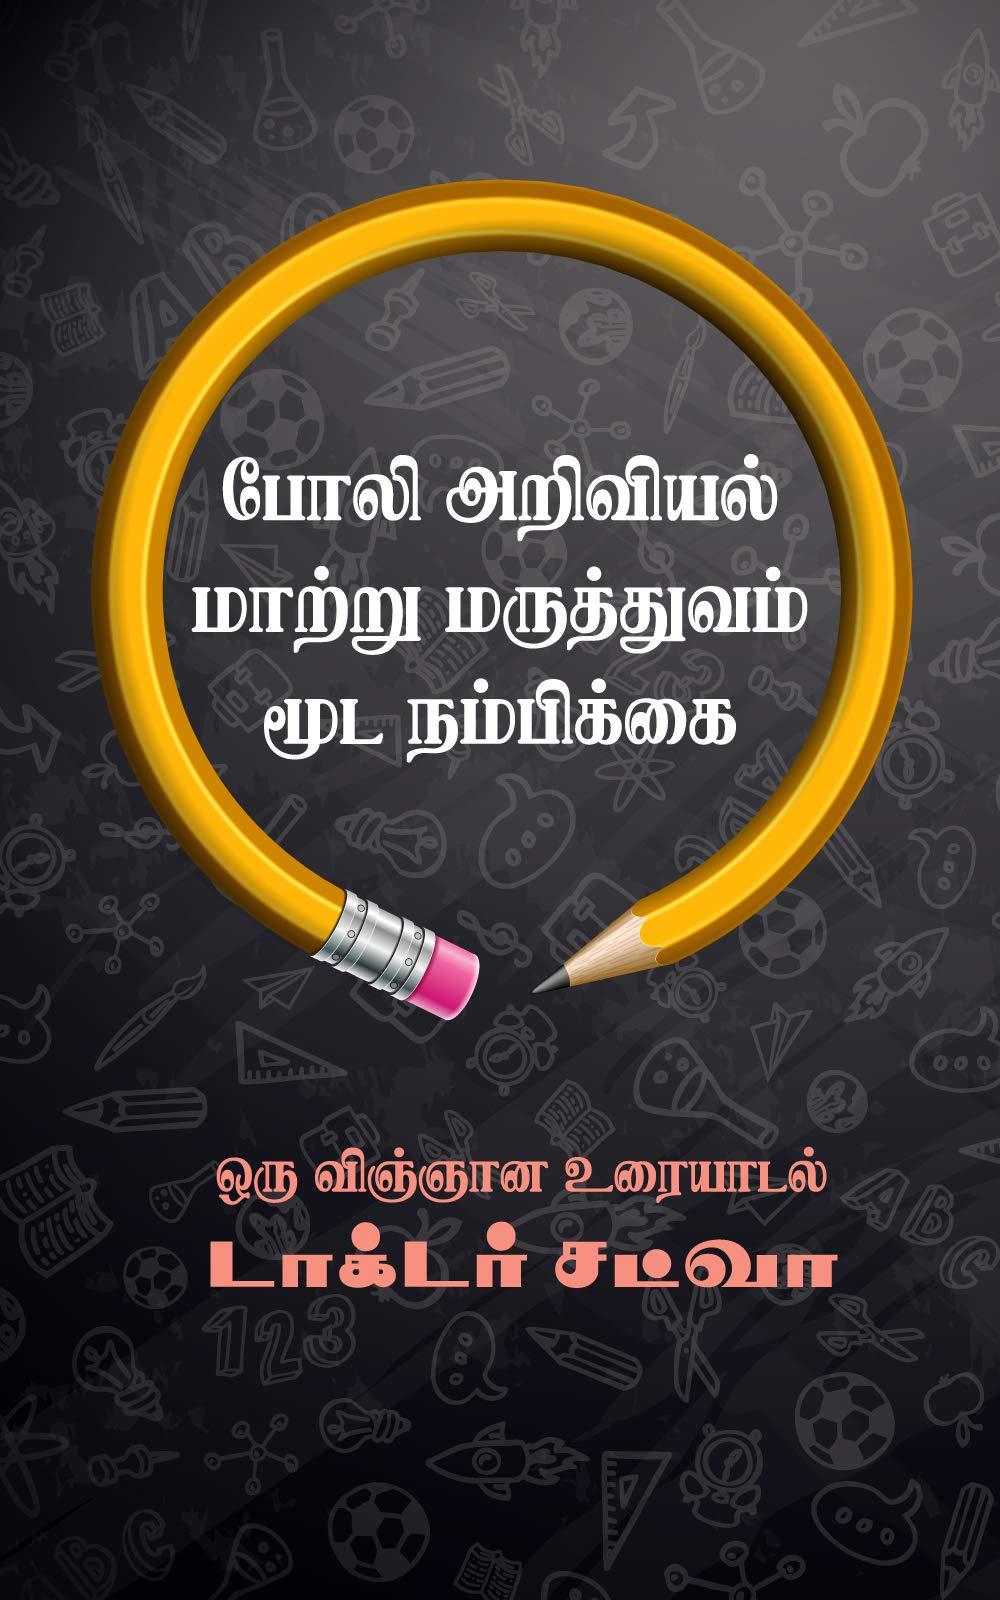 போலி அறிவியல், மாற்று மருத்துவம் & மூட நம்பிக்கை: ஒரு விஞ்ஞான உரையாடல் (Tamil Edition) (B082H3PV56) Amazon Price History, Amazon Price Tracker